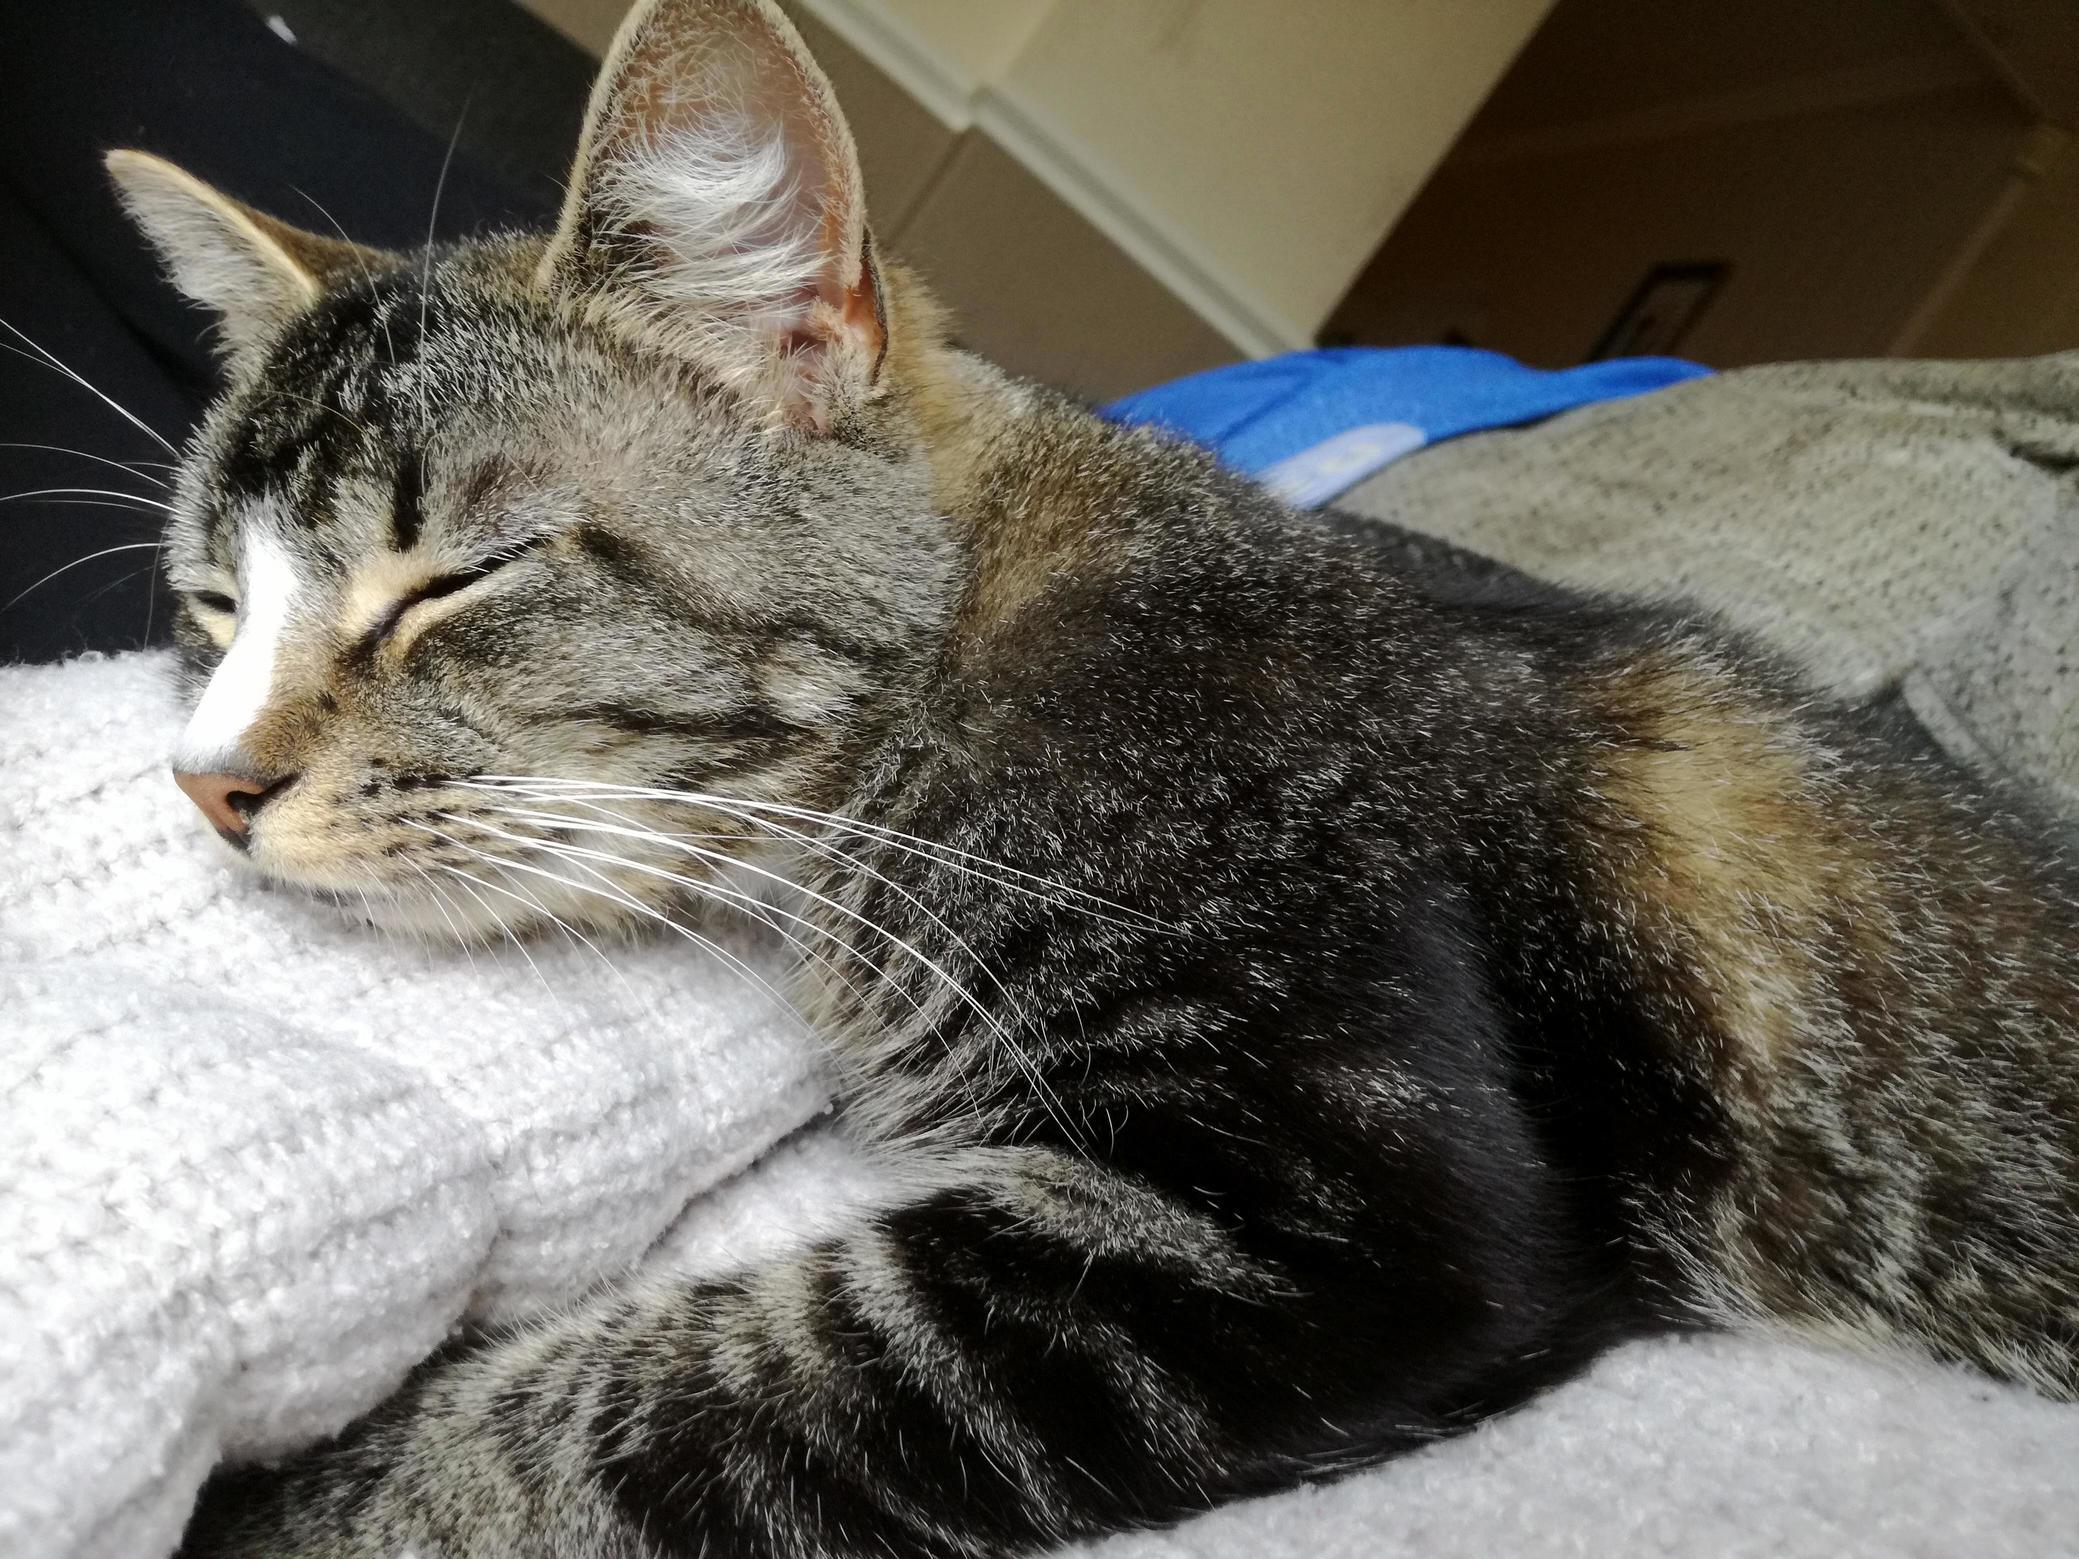 I woke up from my nap to find i had company!